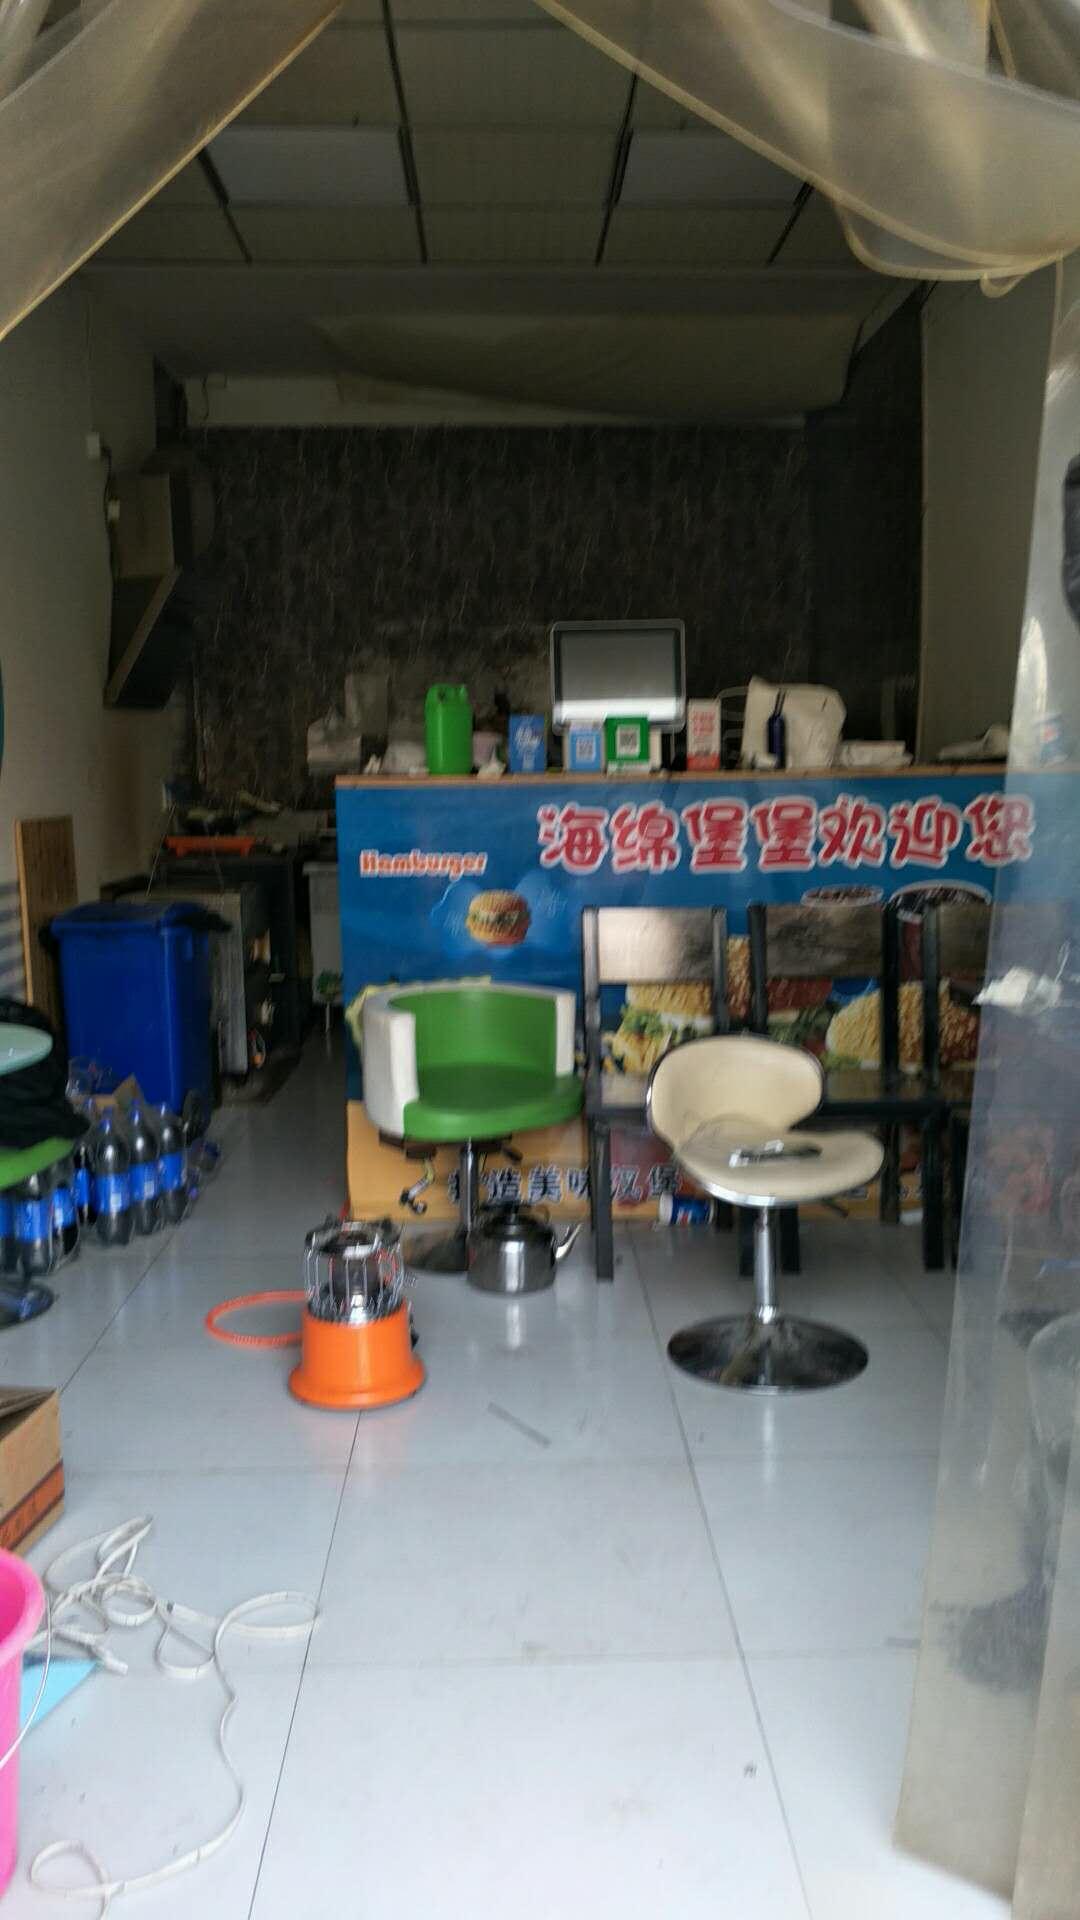 柳阳街小型商铺直租带装修无转让费地理位置好价格便宜